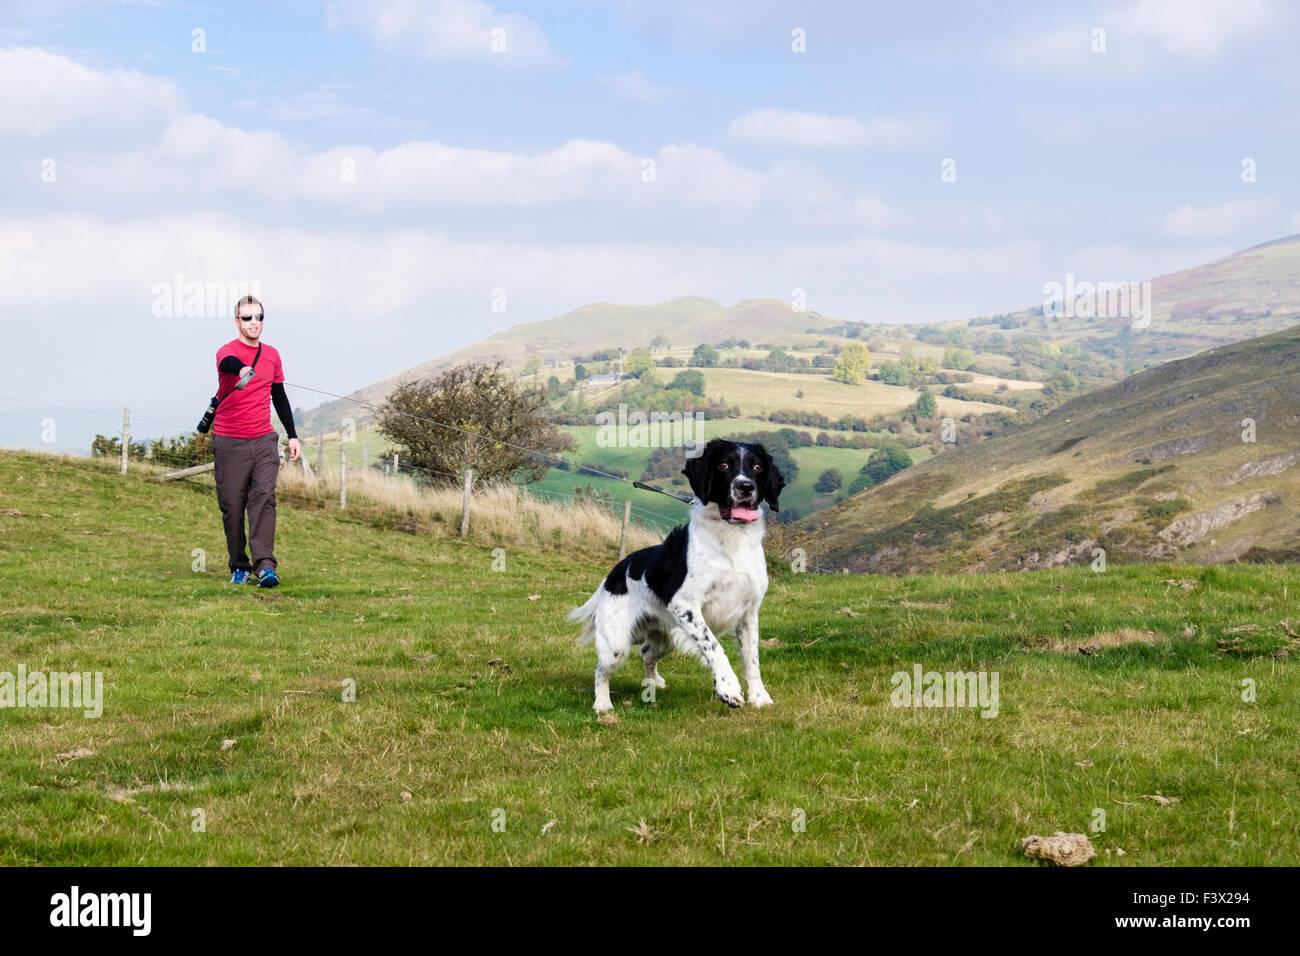 Desiderosi English Springer Spaniel cane tirando il filo quando il padrone che lui per una passeggiata in campagna. Immagini Stock